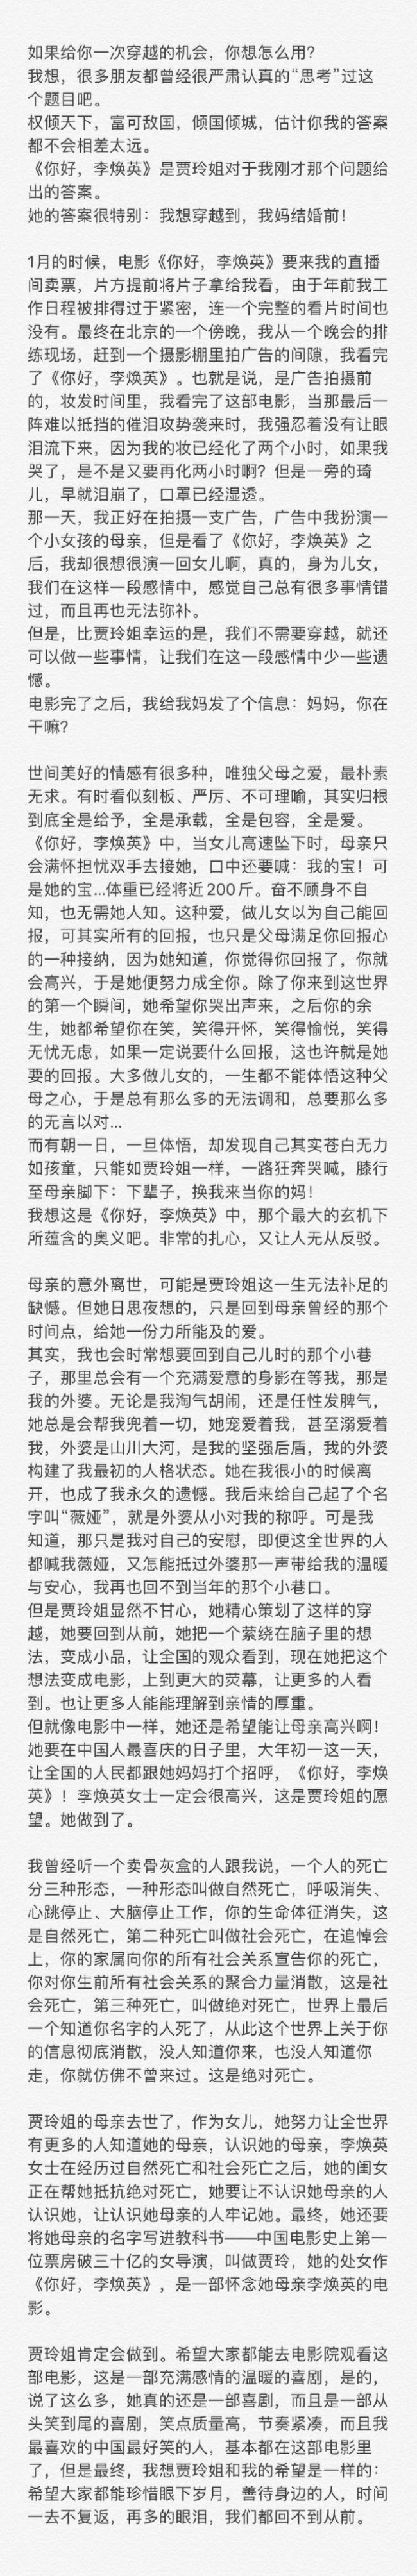 薇娅写长文谈《你好,李焕英》:生女当如贾玲姐